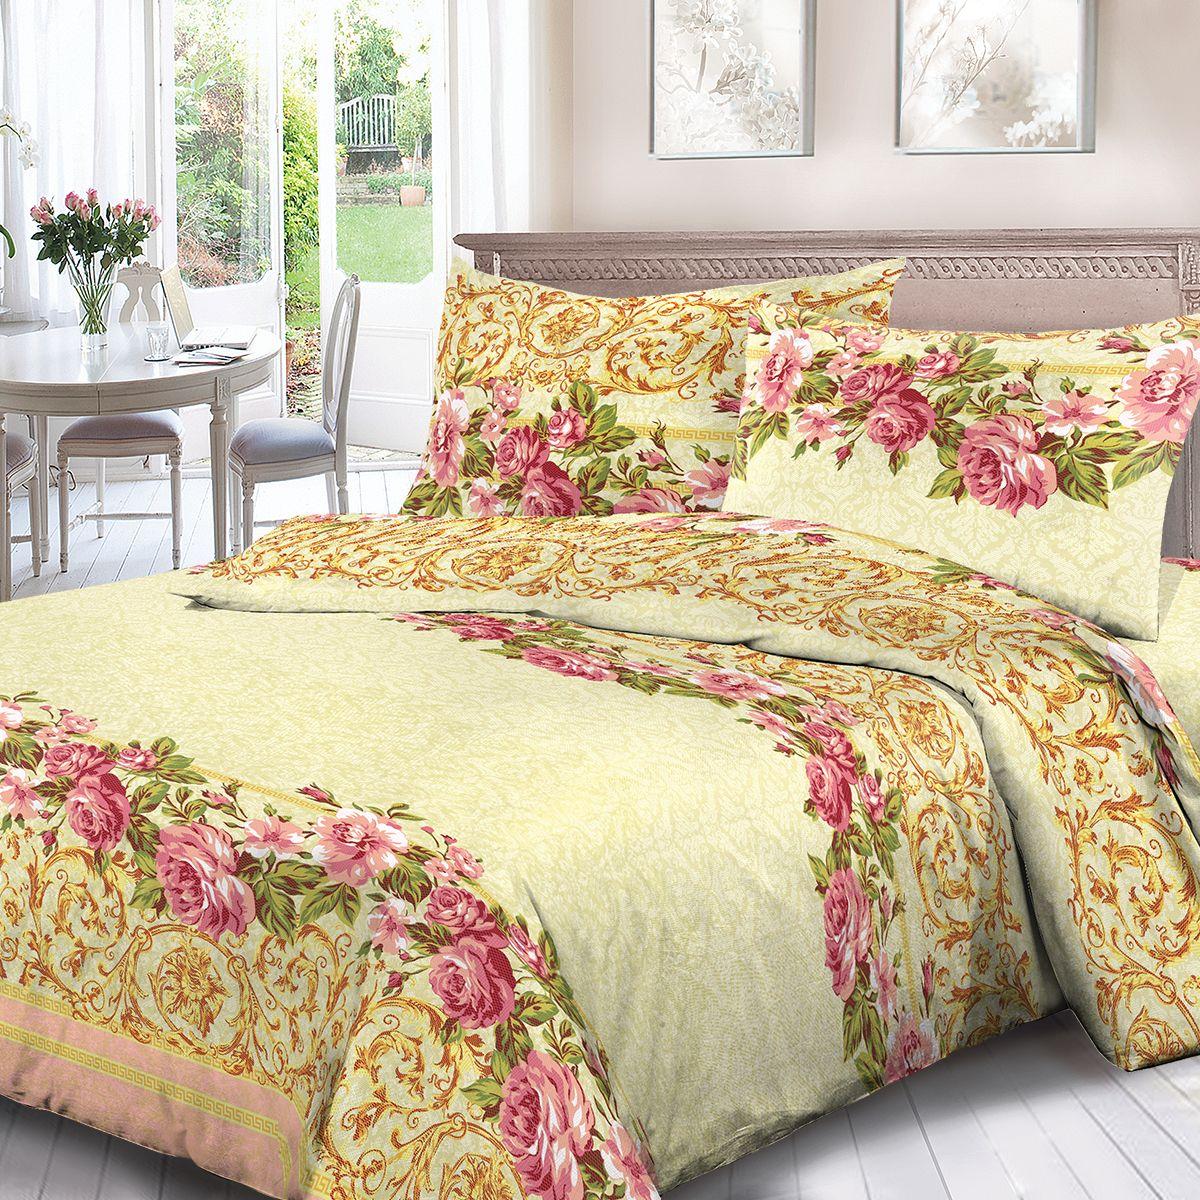 Комплект белья Для Снов Мэрлин, 1,5 спальное, наволочки 70x70, цвет: желтый. 1721-186446